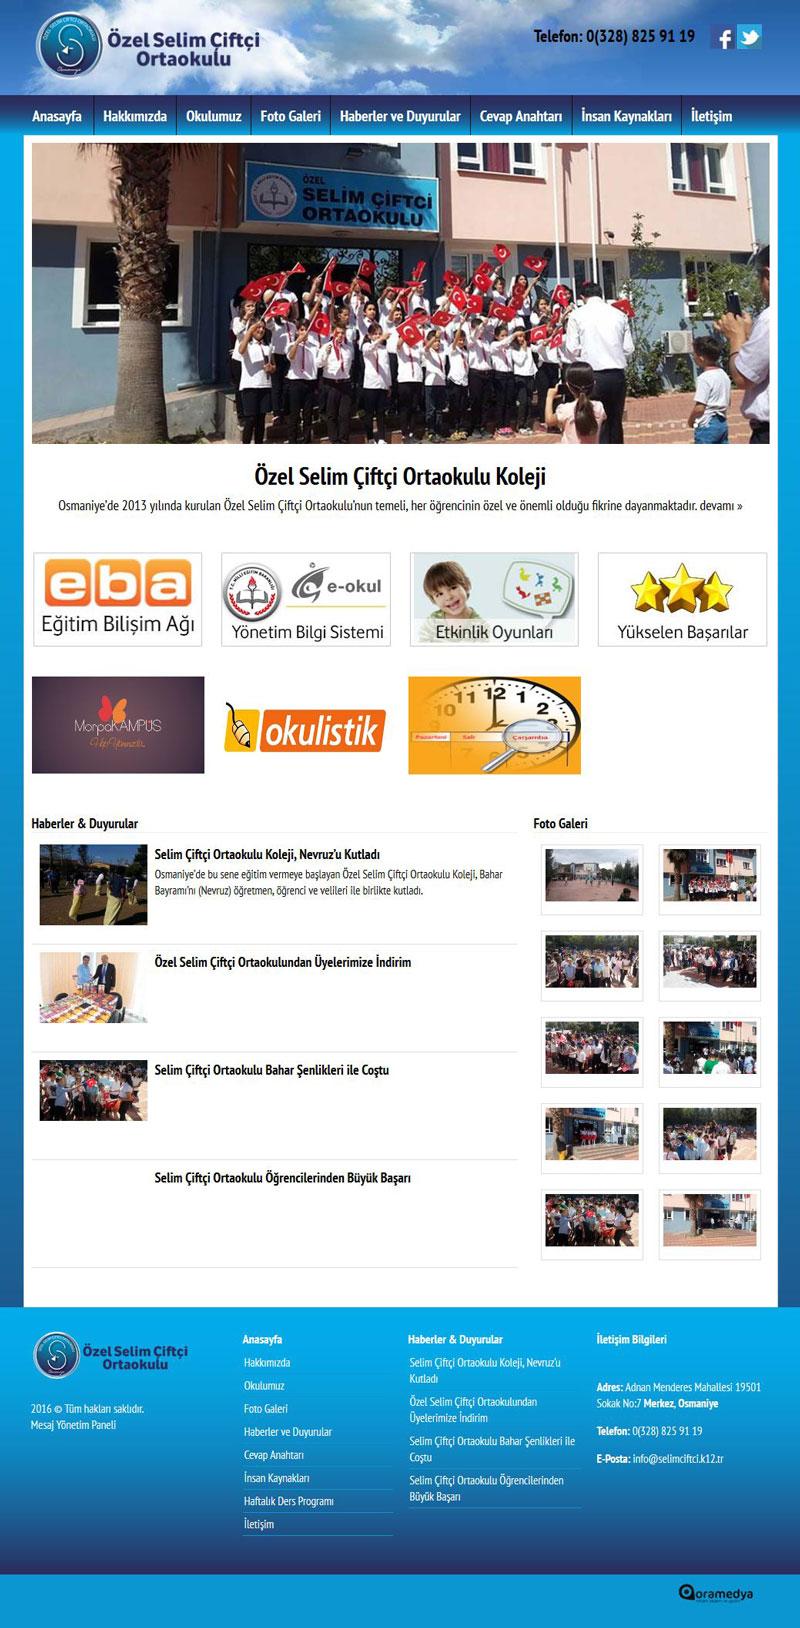 Selim Çiftçi Ortaokulu Osmaniye Web Tasarım